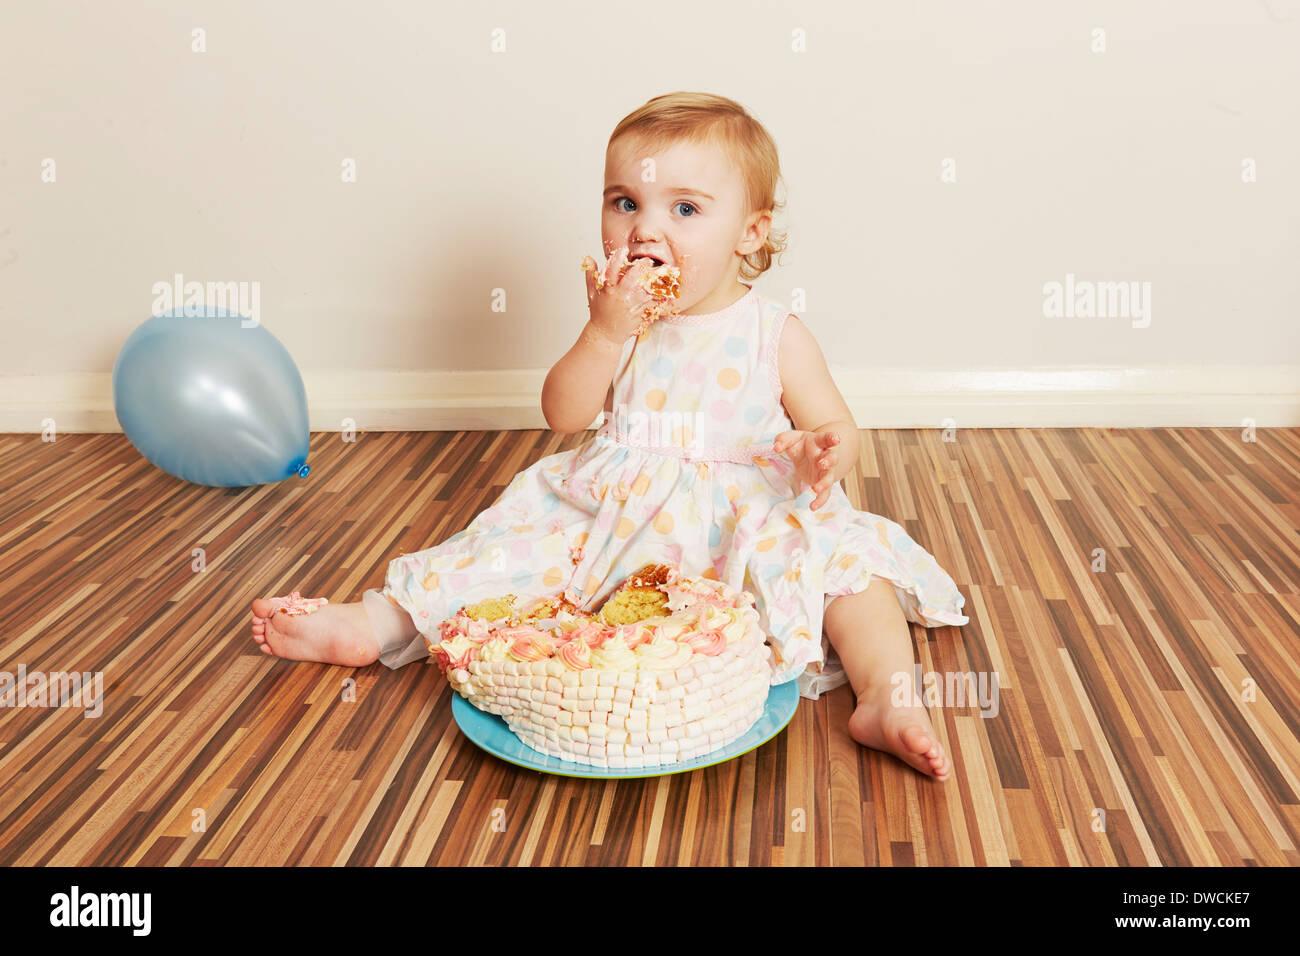 Toddler girl devorando bolo de aniversário Imagens de Stock